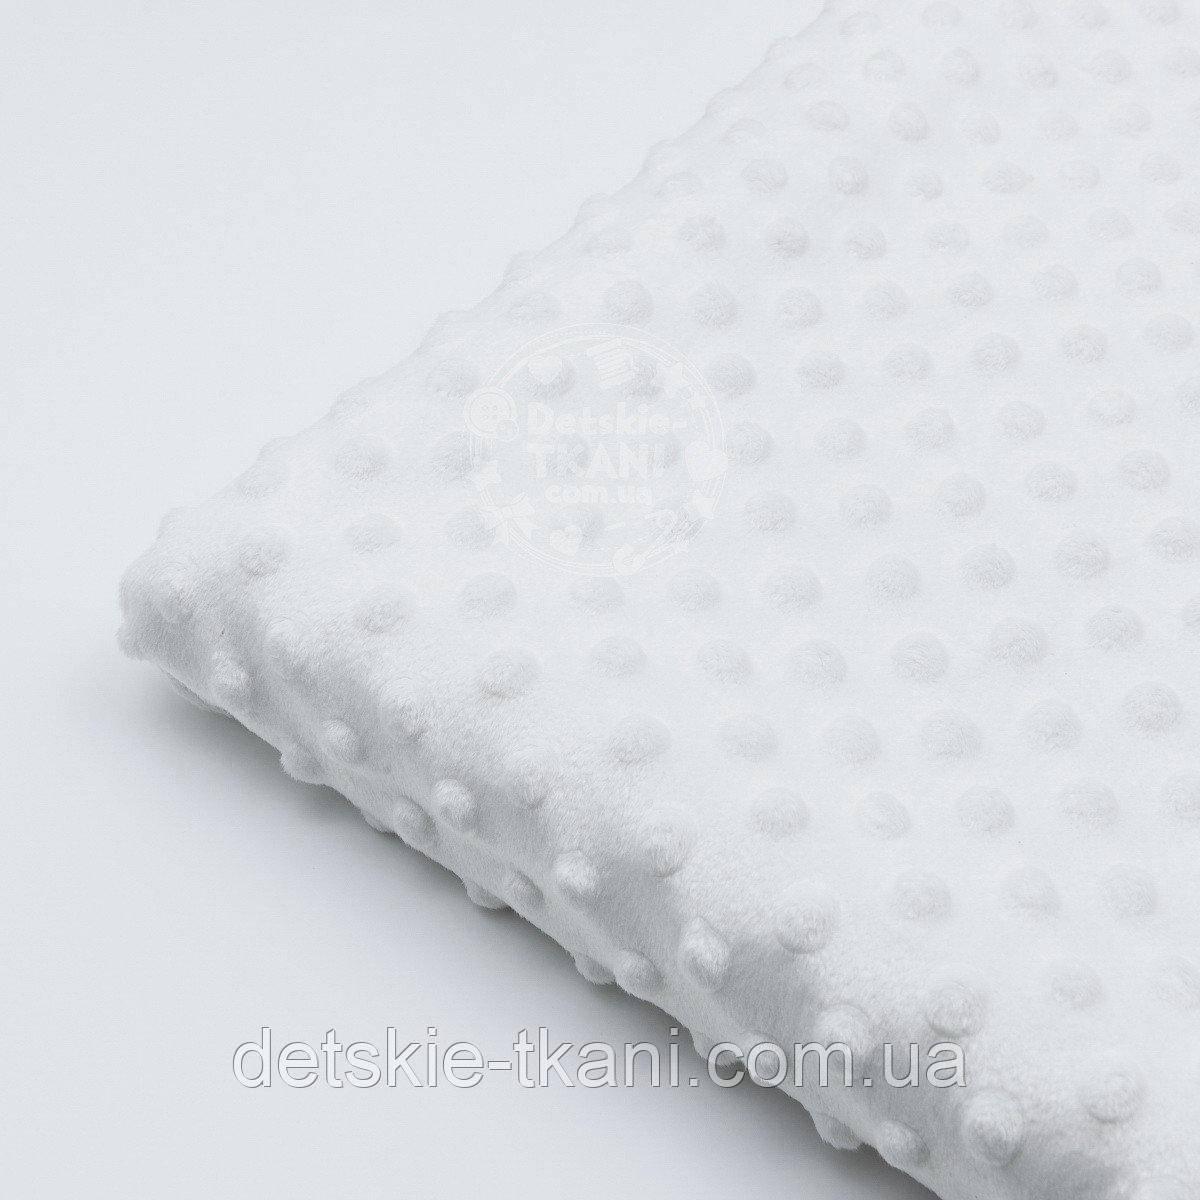 Три лоскута  плюша minky М-10  цвет белый, размер 40*40,35*80,30*100 см (есть загрязнение)